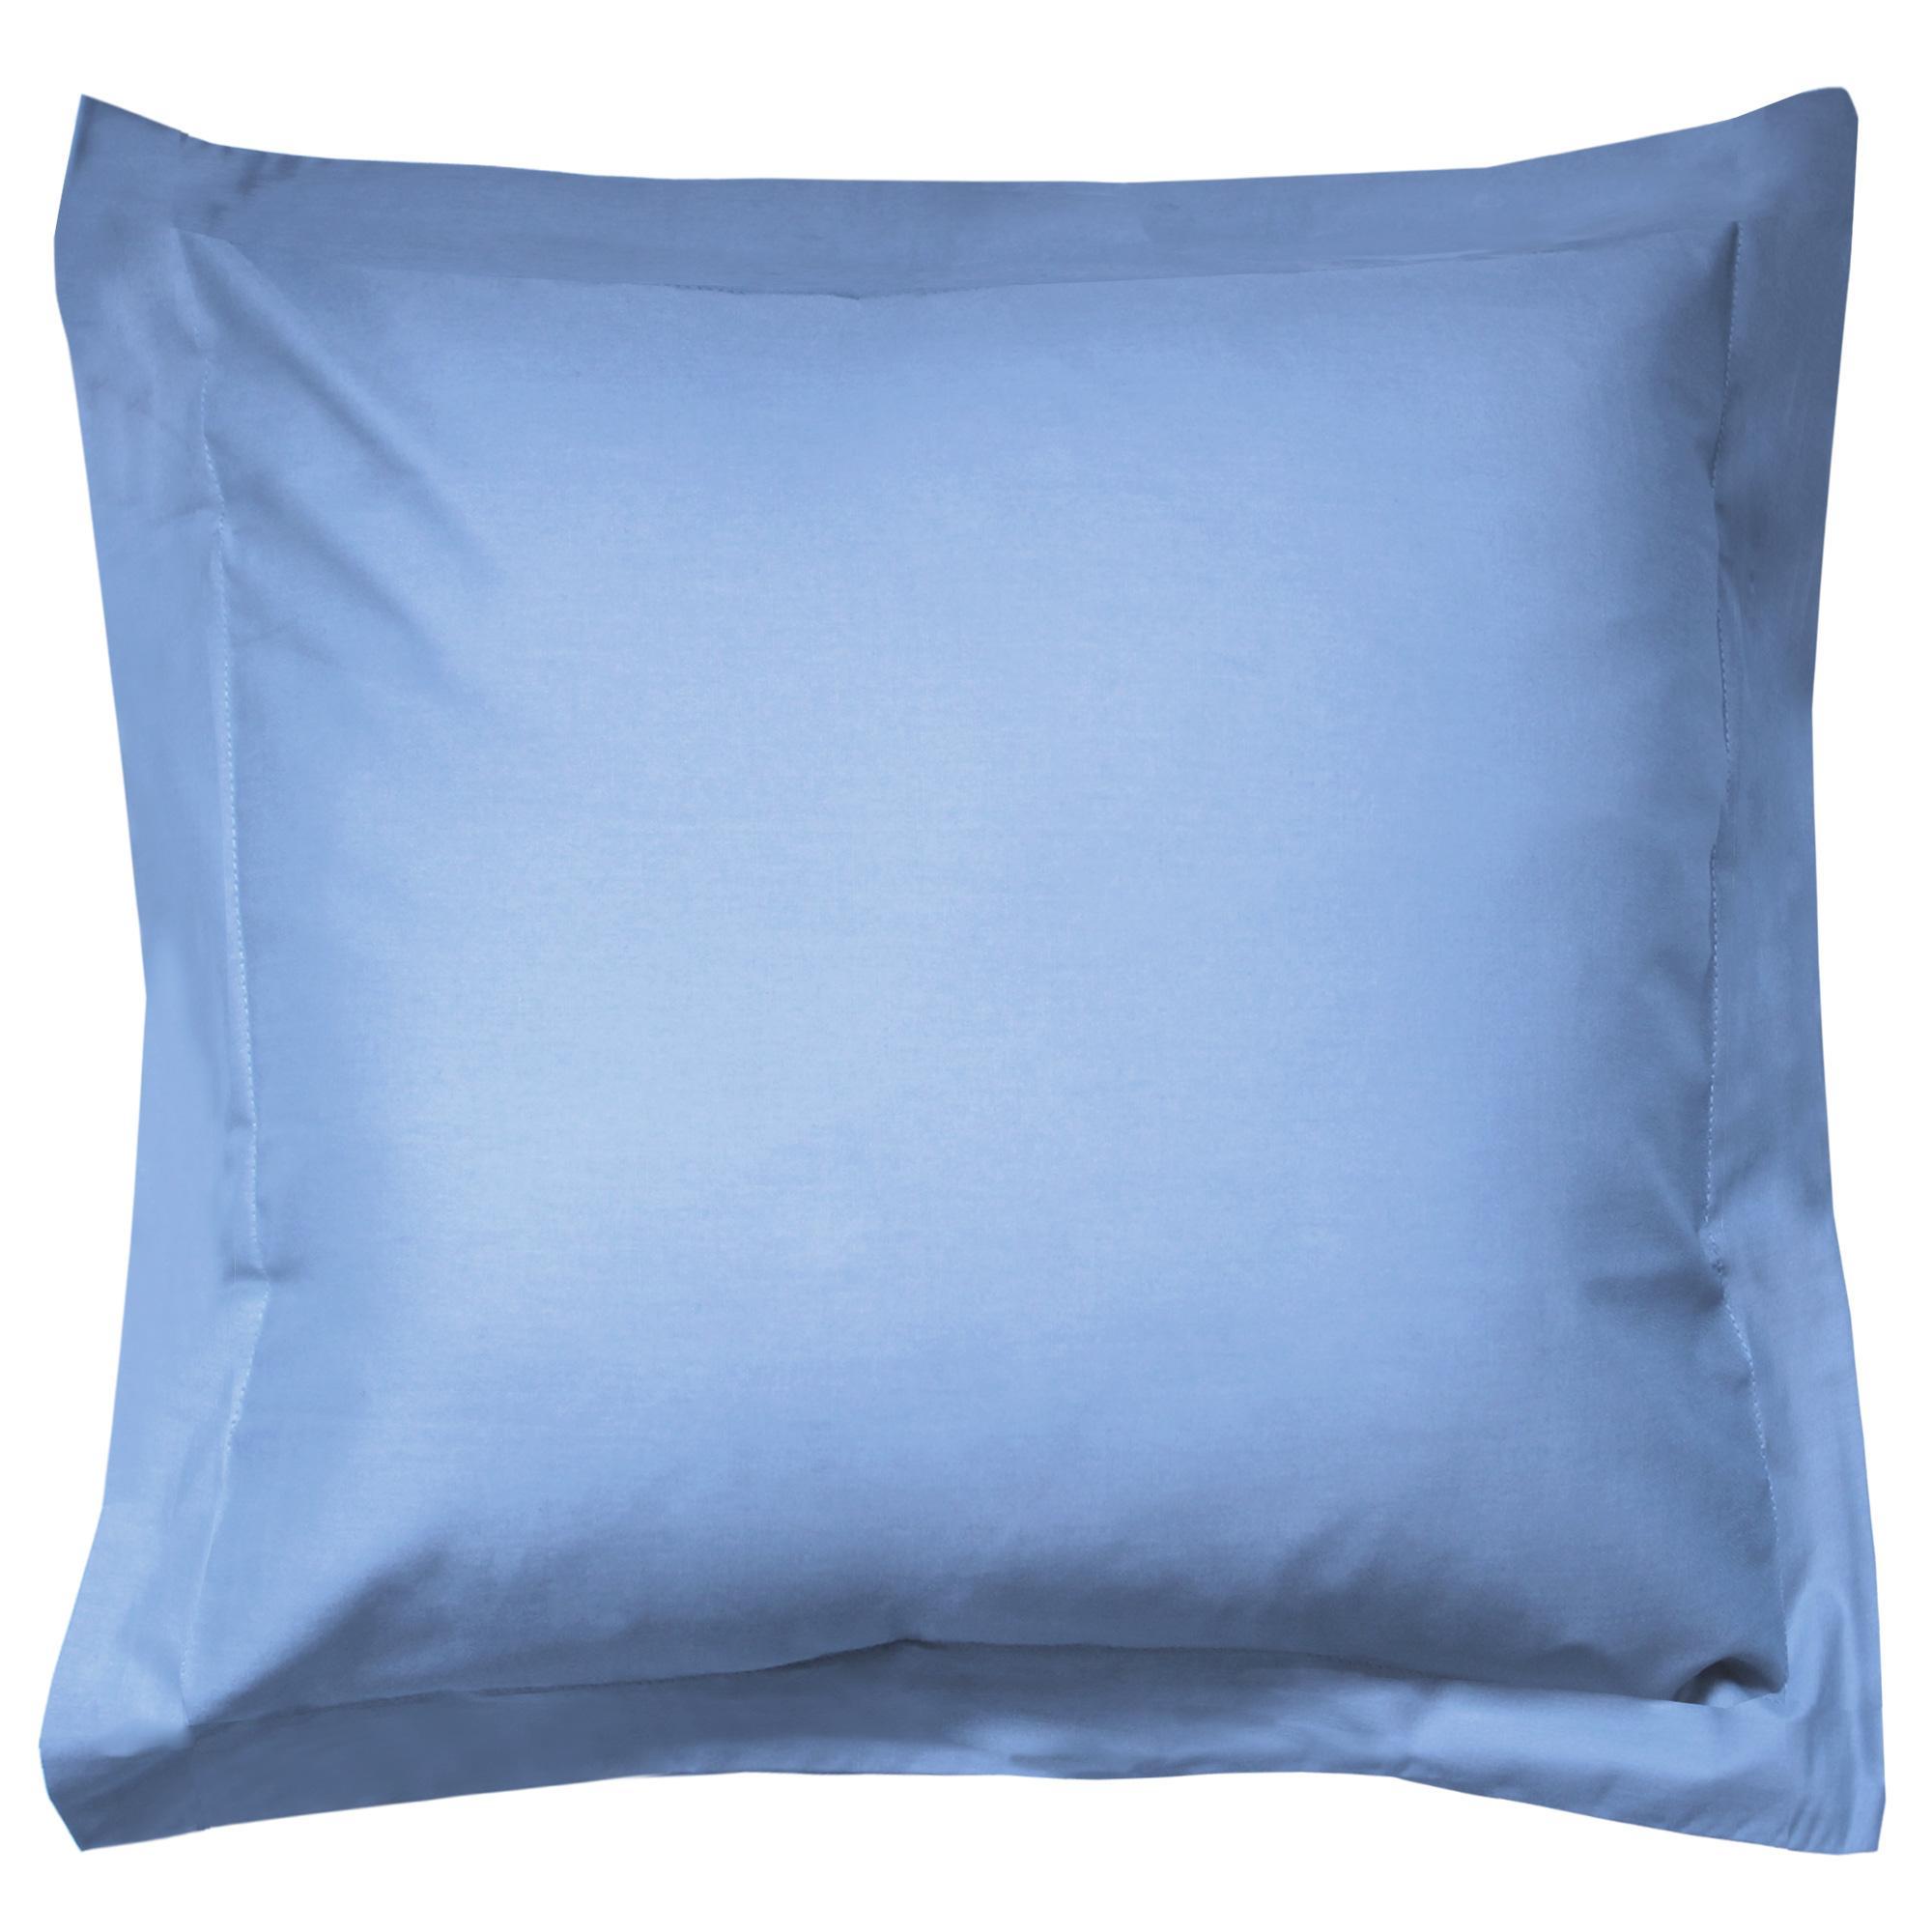 taie d 39 oreiller 80x80cm uni pur coton alto bleu belle ile linnea linge de maison et. Black Bedroom Furniture Sets. Home Design Ideas